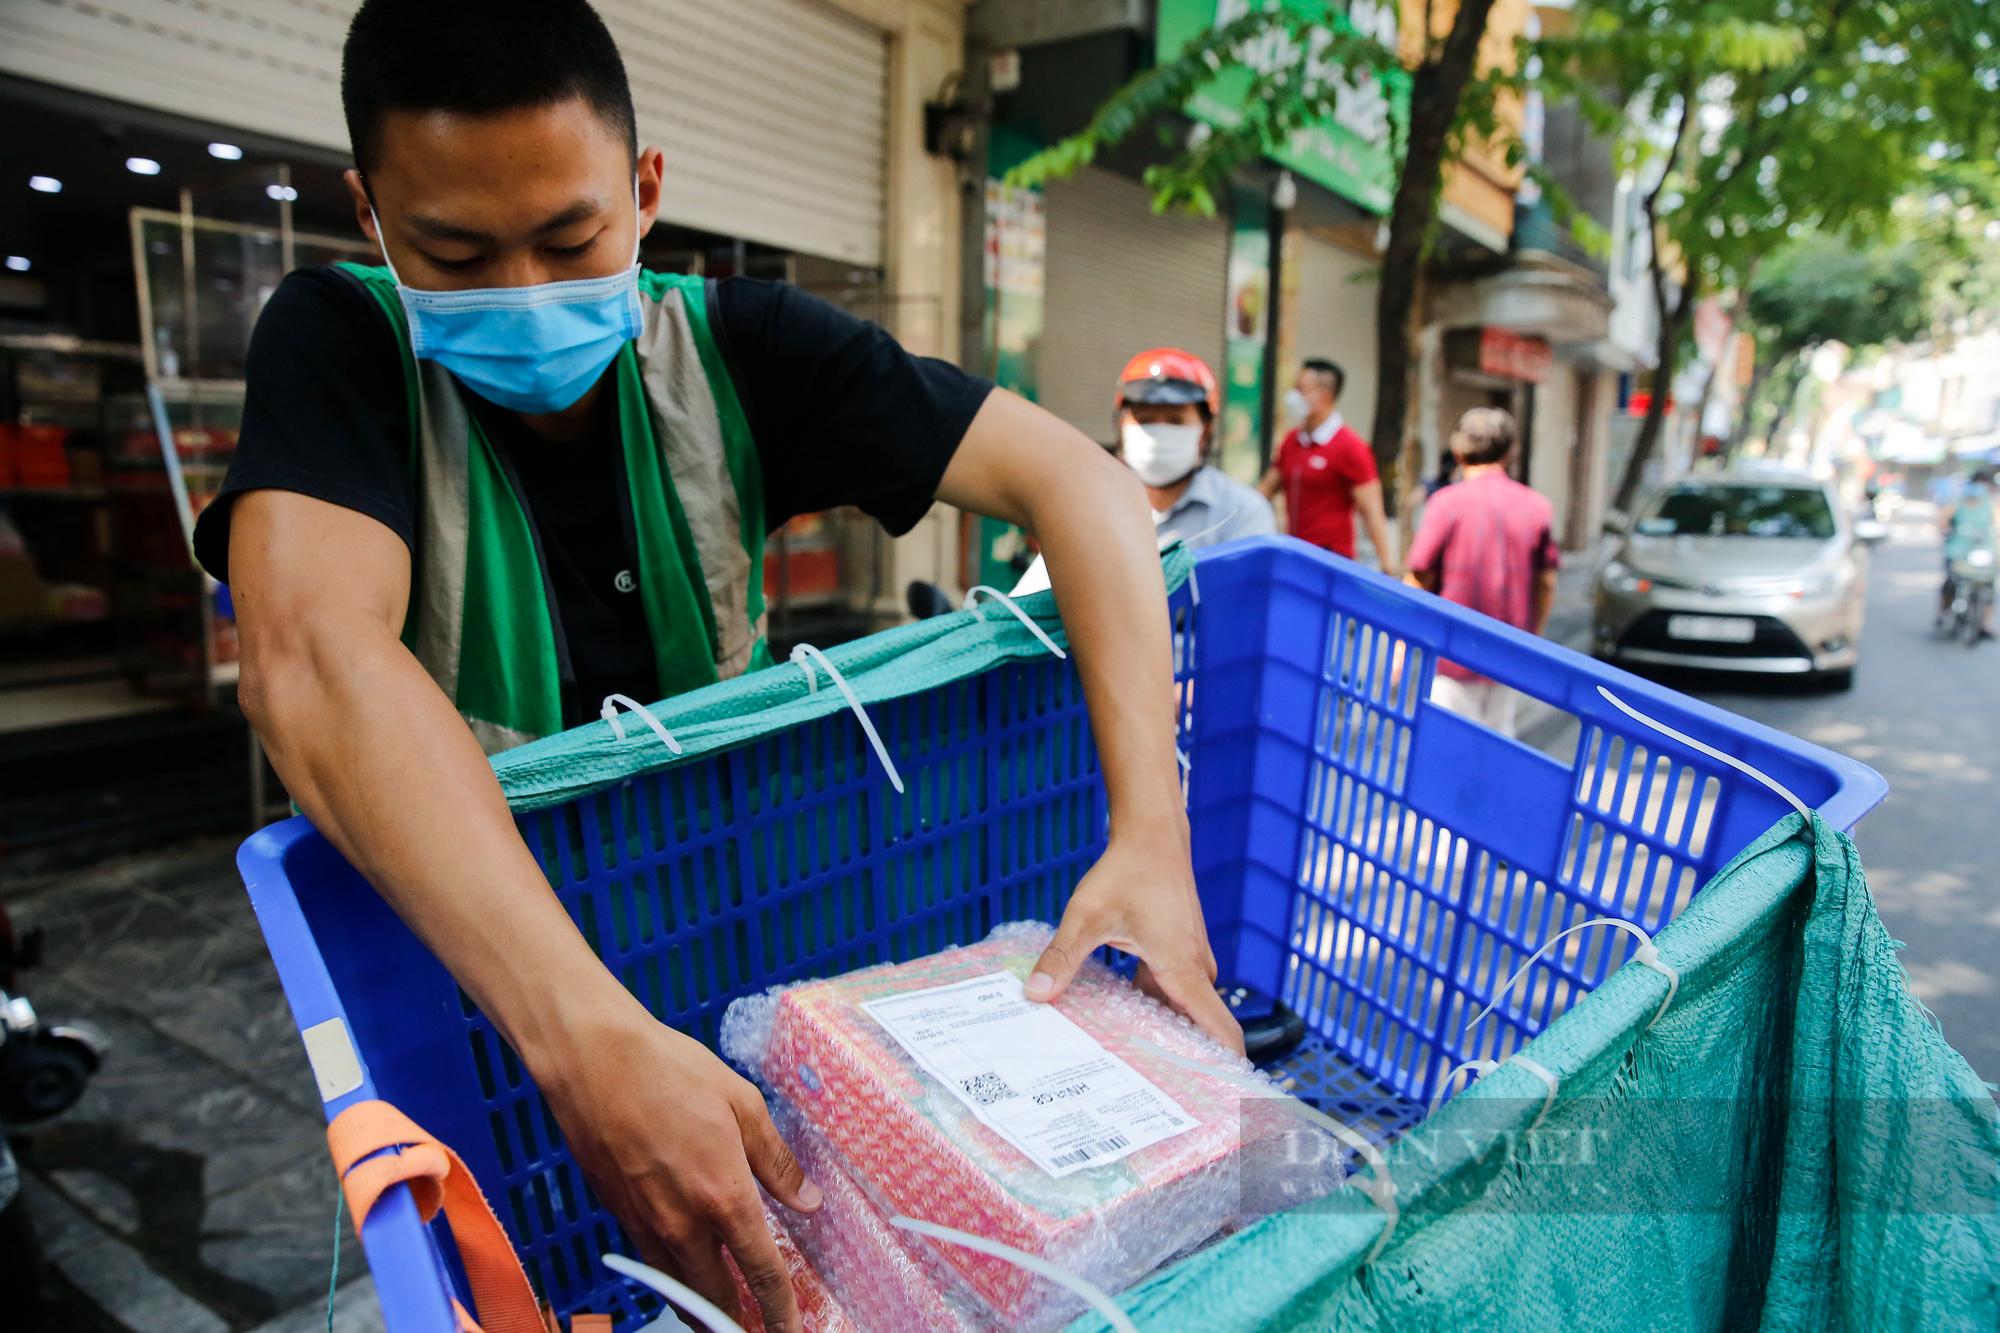 Thị trường bánh trung thu ảm đạm, cơ sở sản xuất loay hoay tìm kênh online - Ảnh 11.